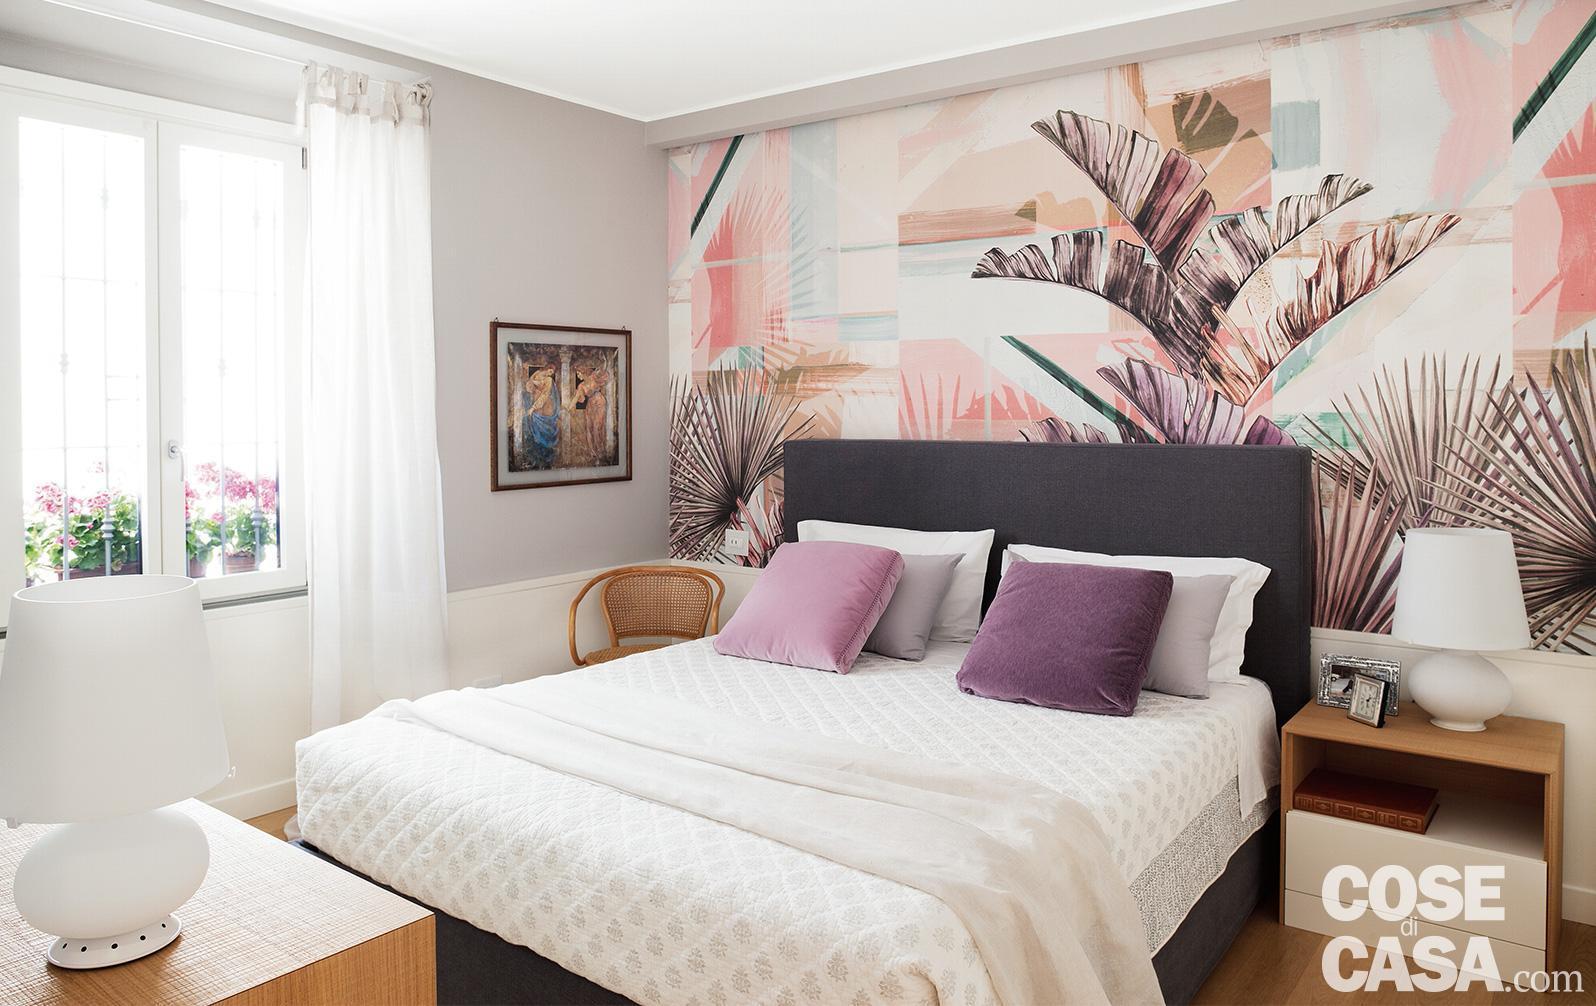 Parete Dietro Letto Idee parete dietro al letto: 4 soluzioni per rinnovarla - cose di